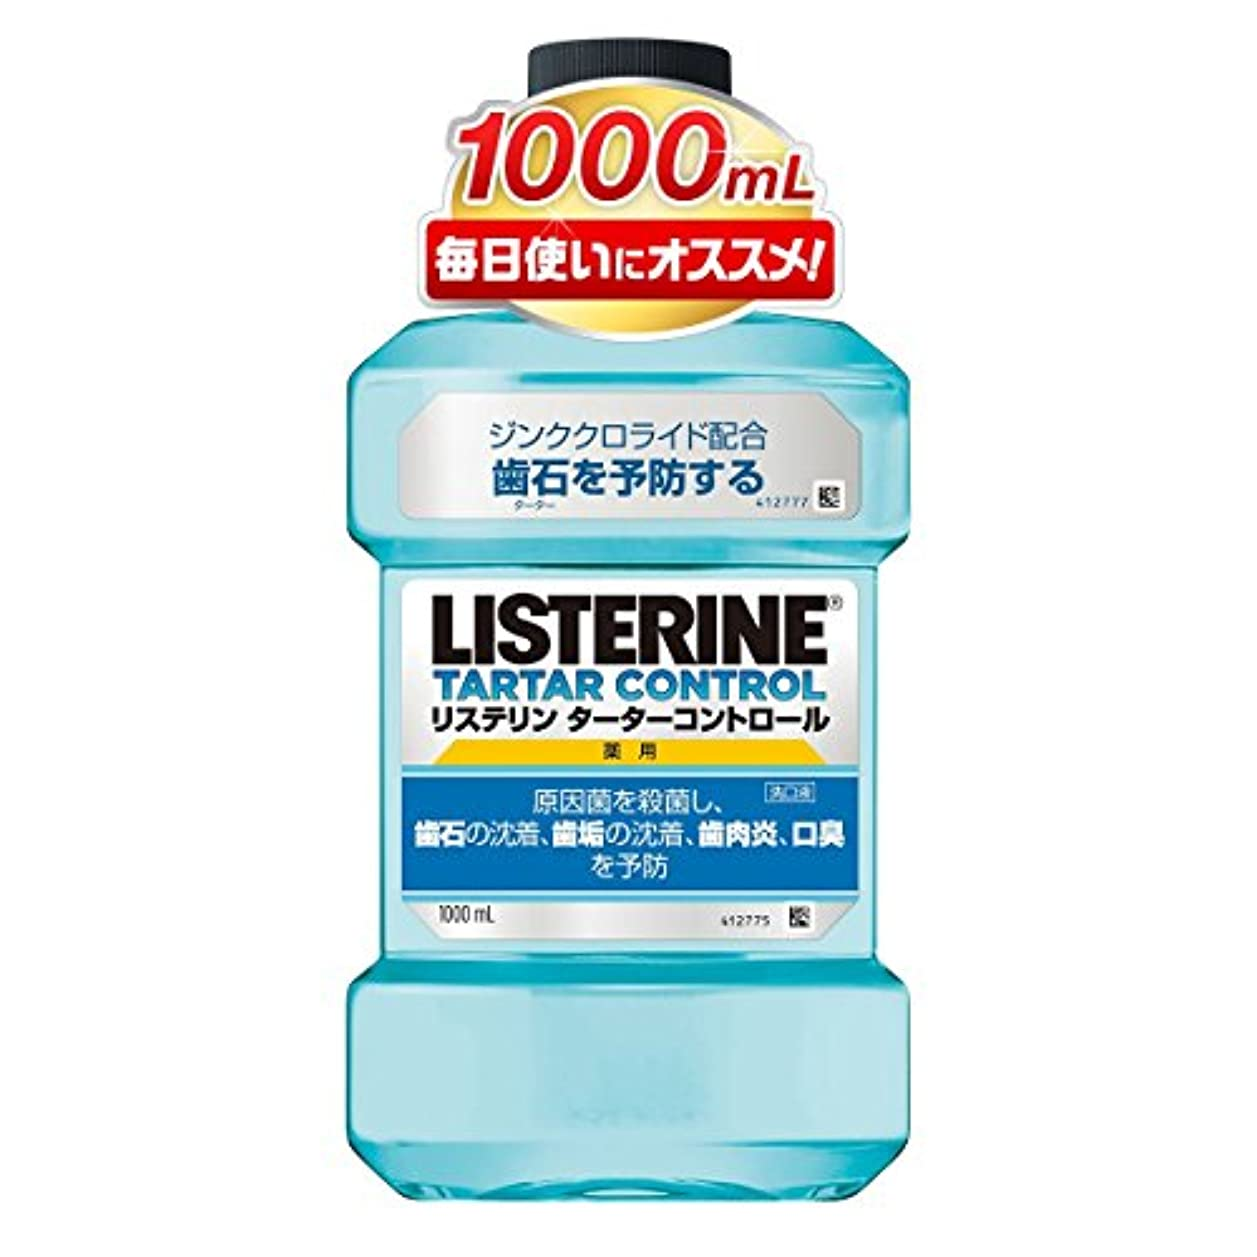 巨大な春まだ[医薬部外品] 薬用 リステリン マウスウォッシュ ターターコントロール 1000mL